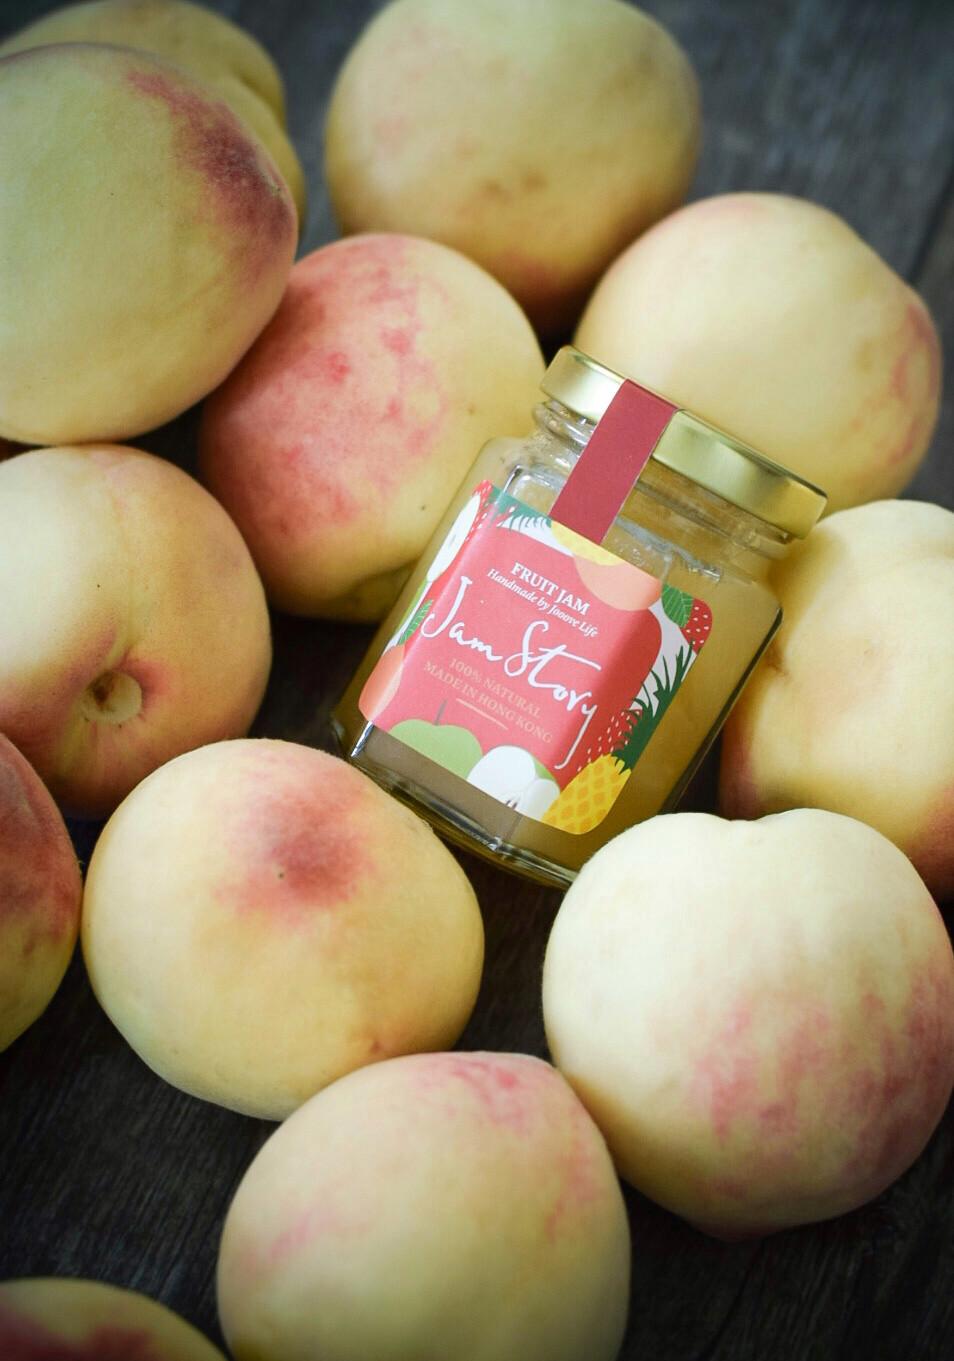 天然高原水蜜桃果醬 Peach Jam